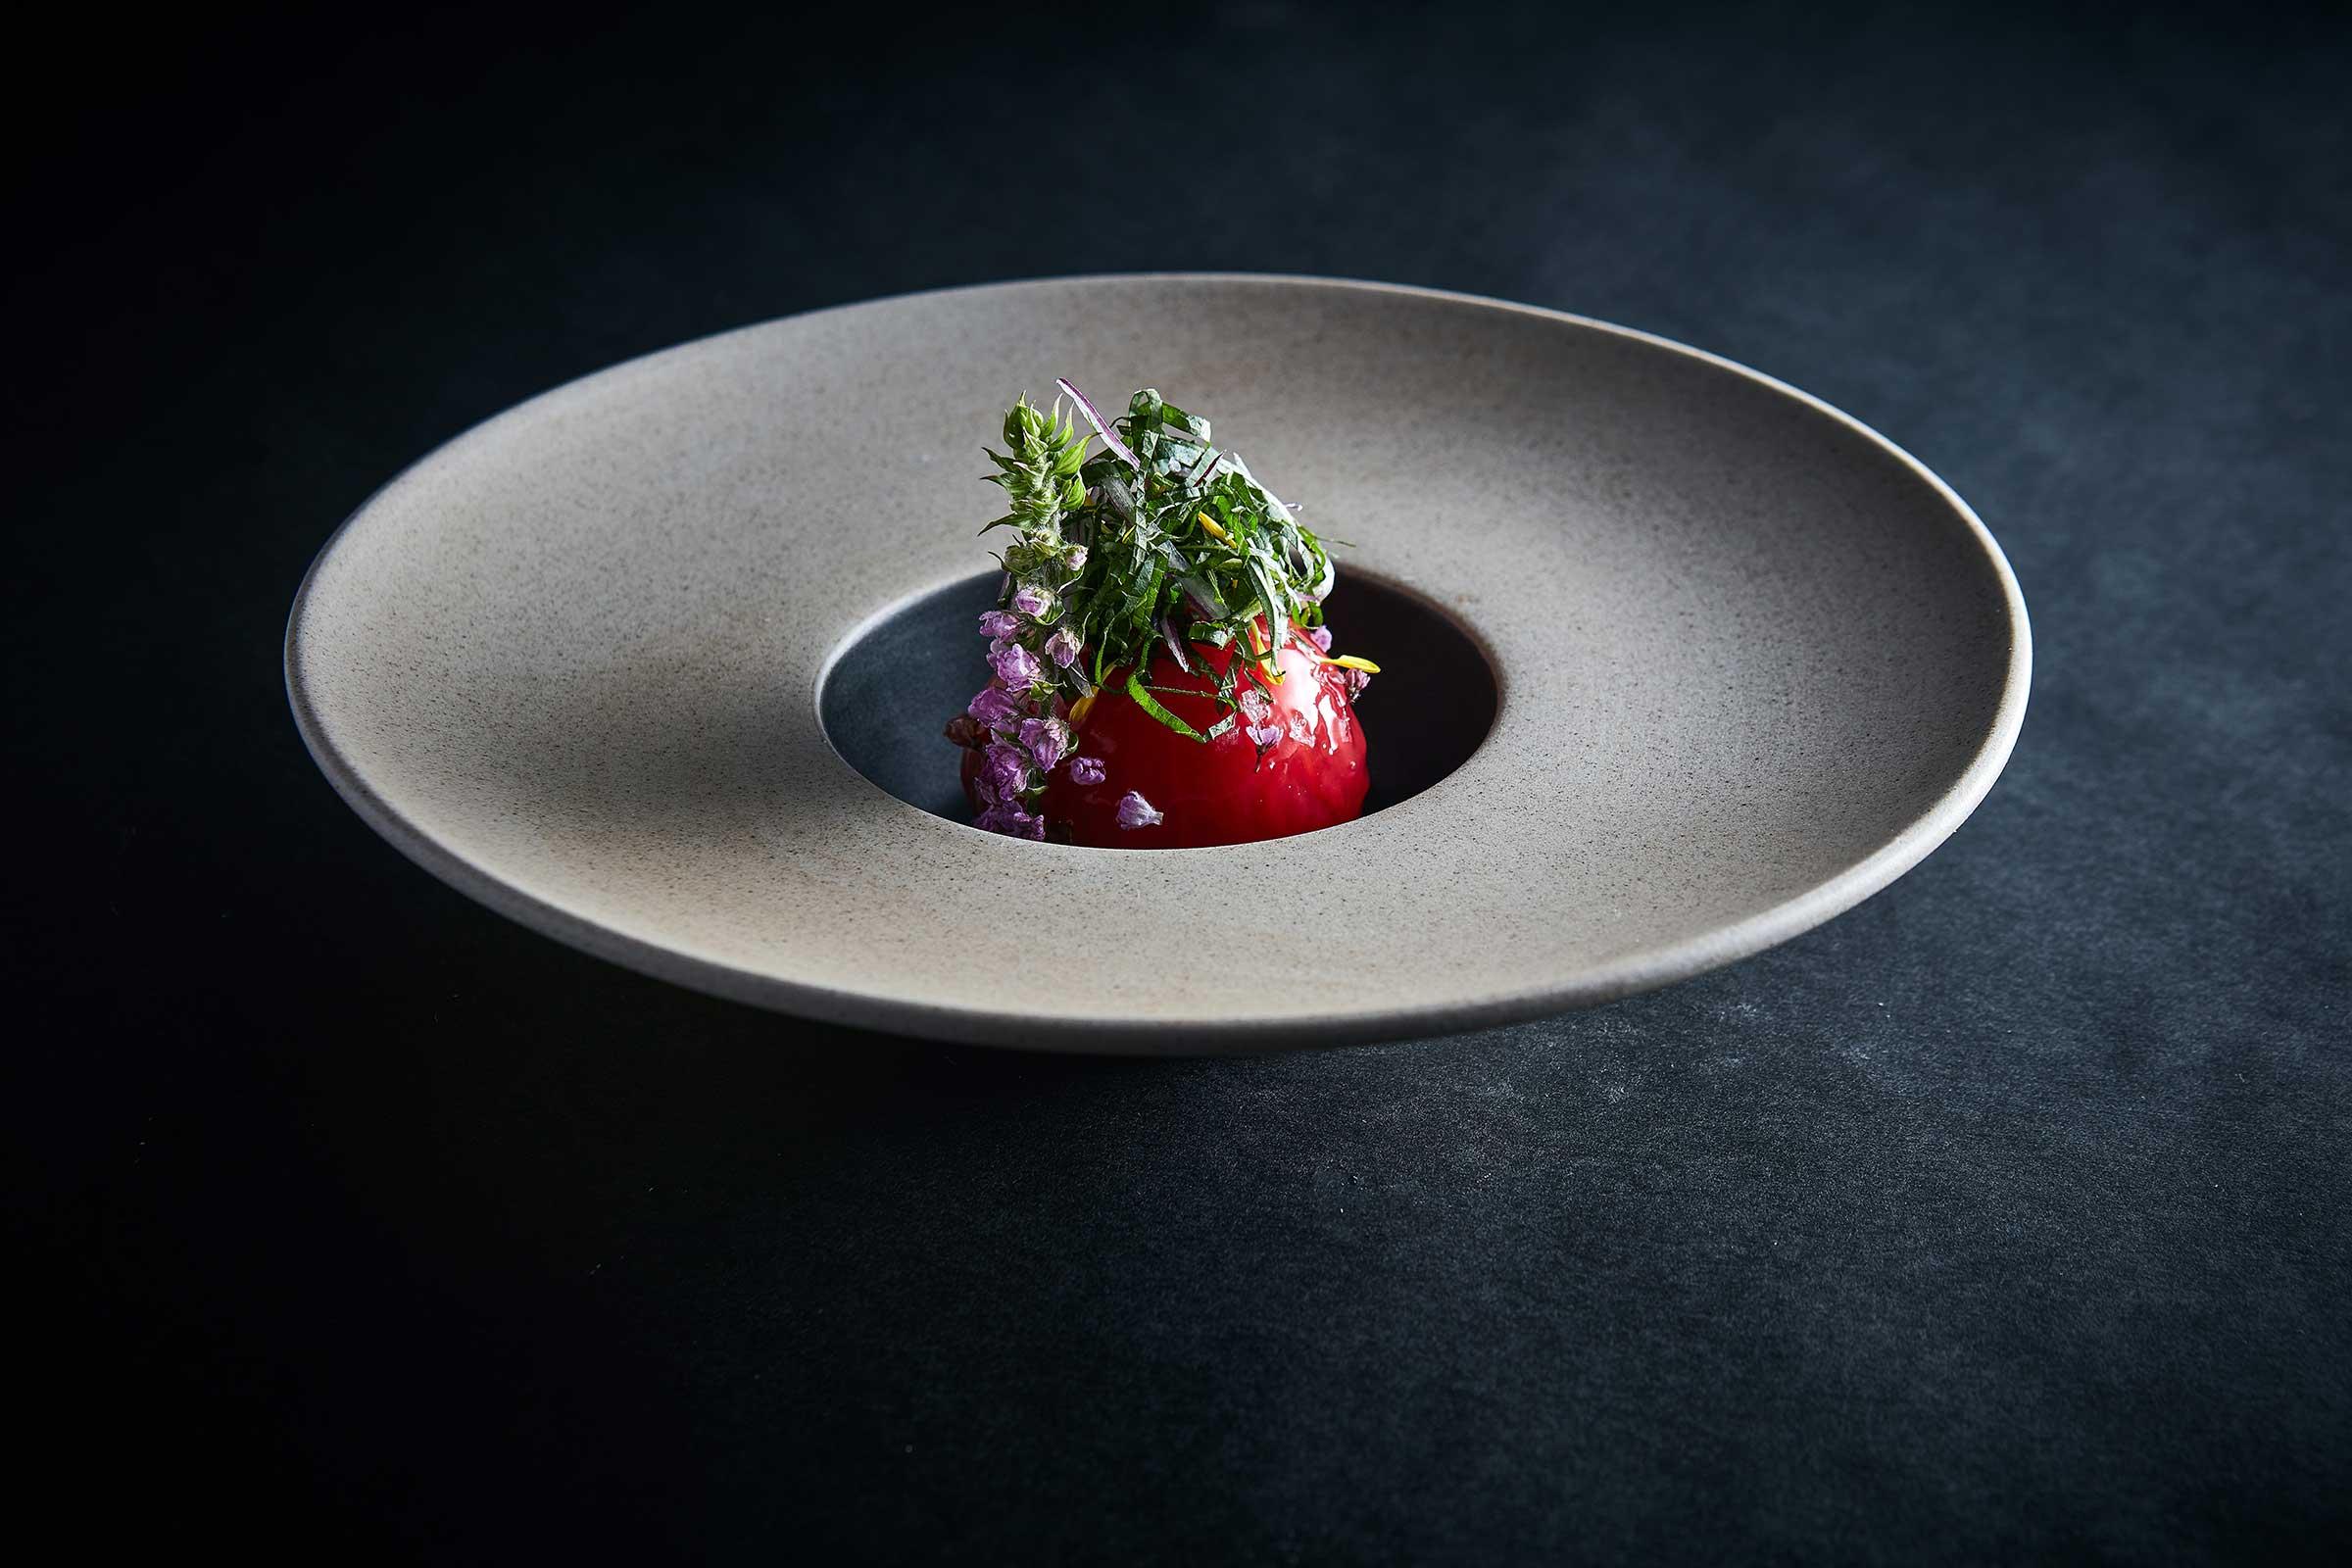 Honjo---Fruit-Tomato.jpg